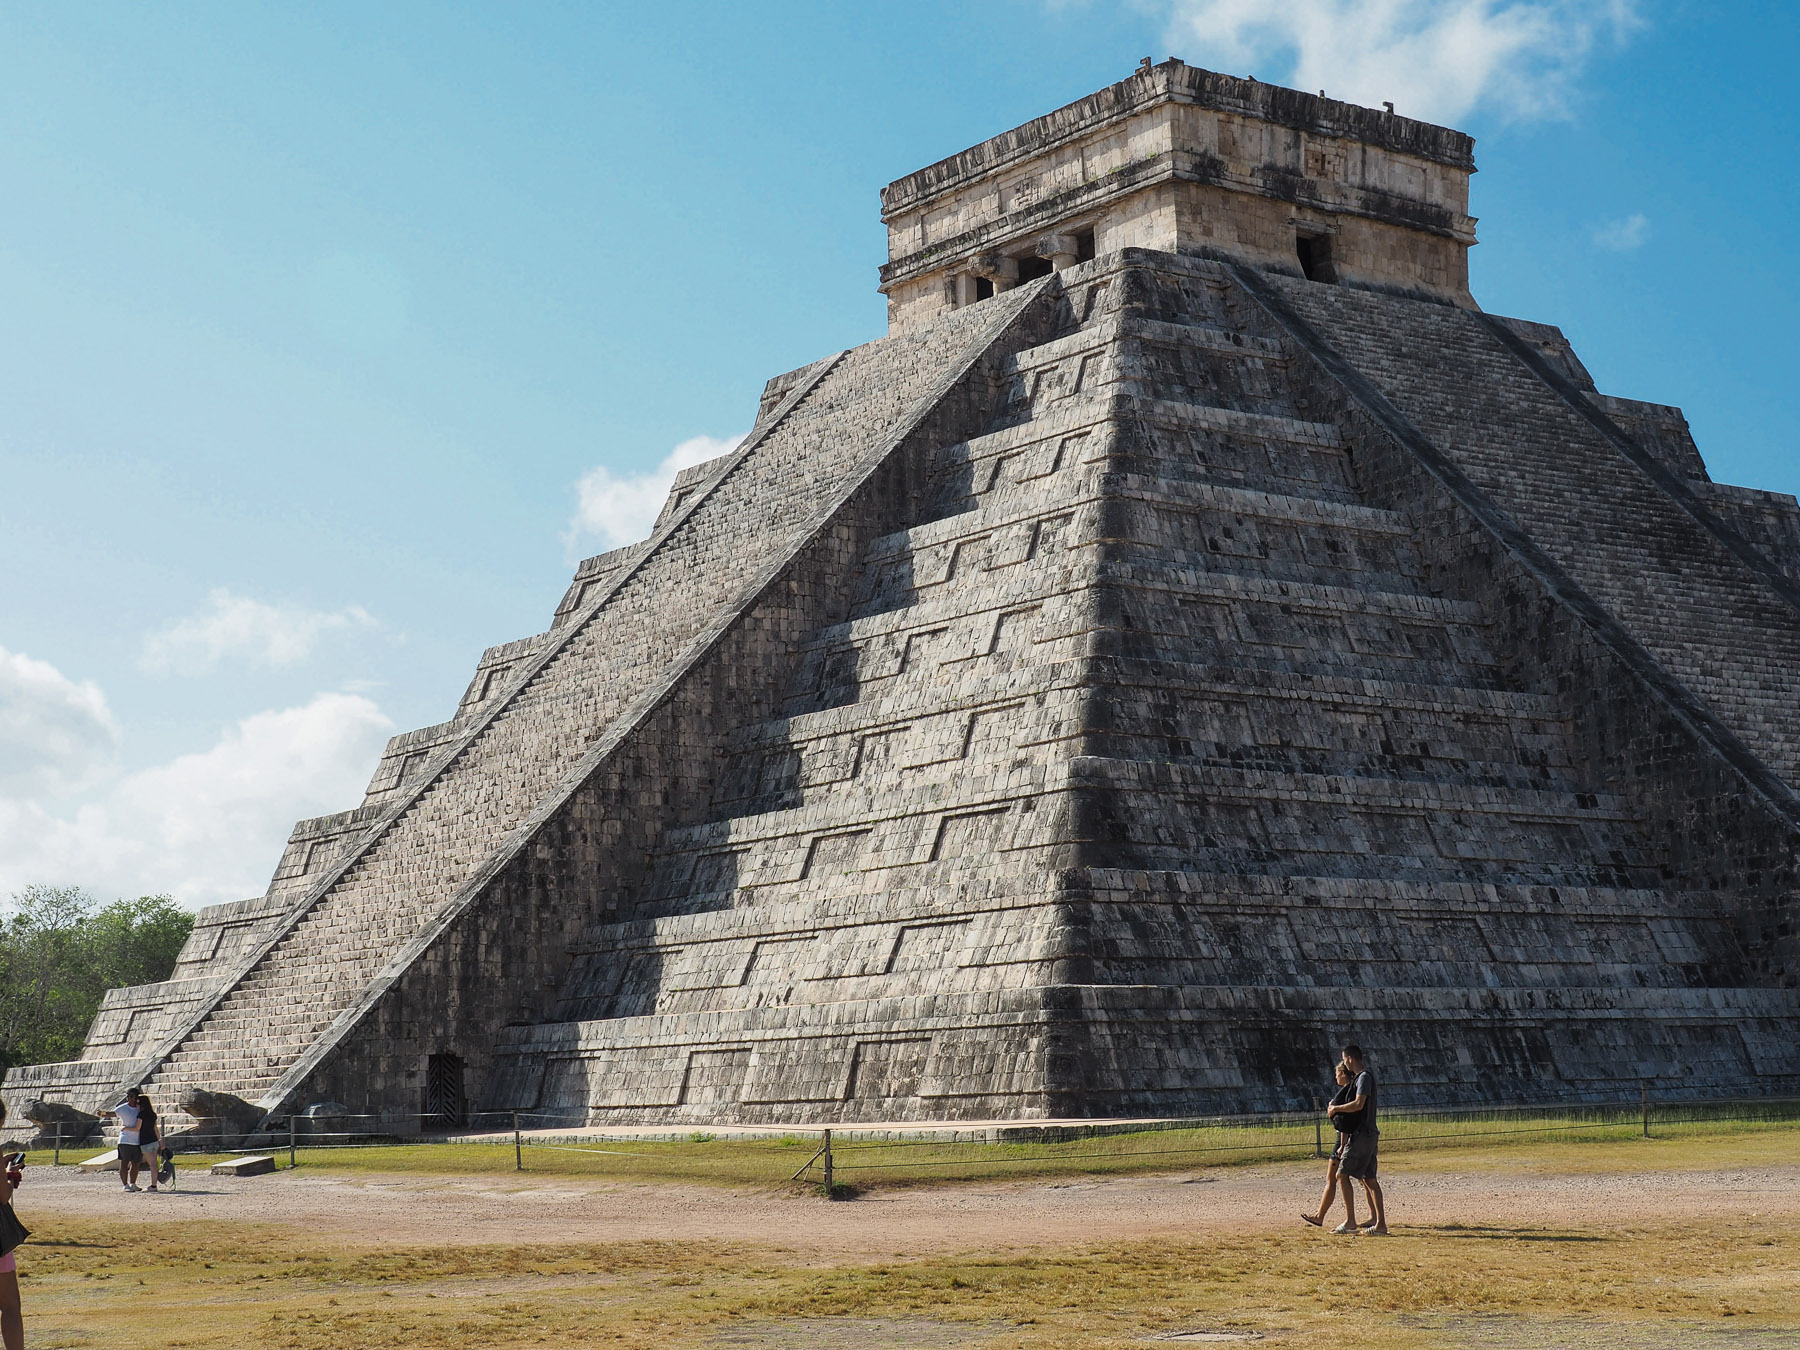 Perfekte Pyramide und Maya-Kalender in Chichen Itza